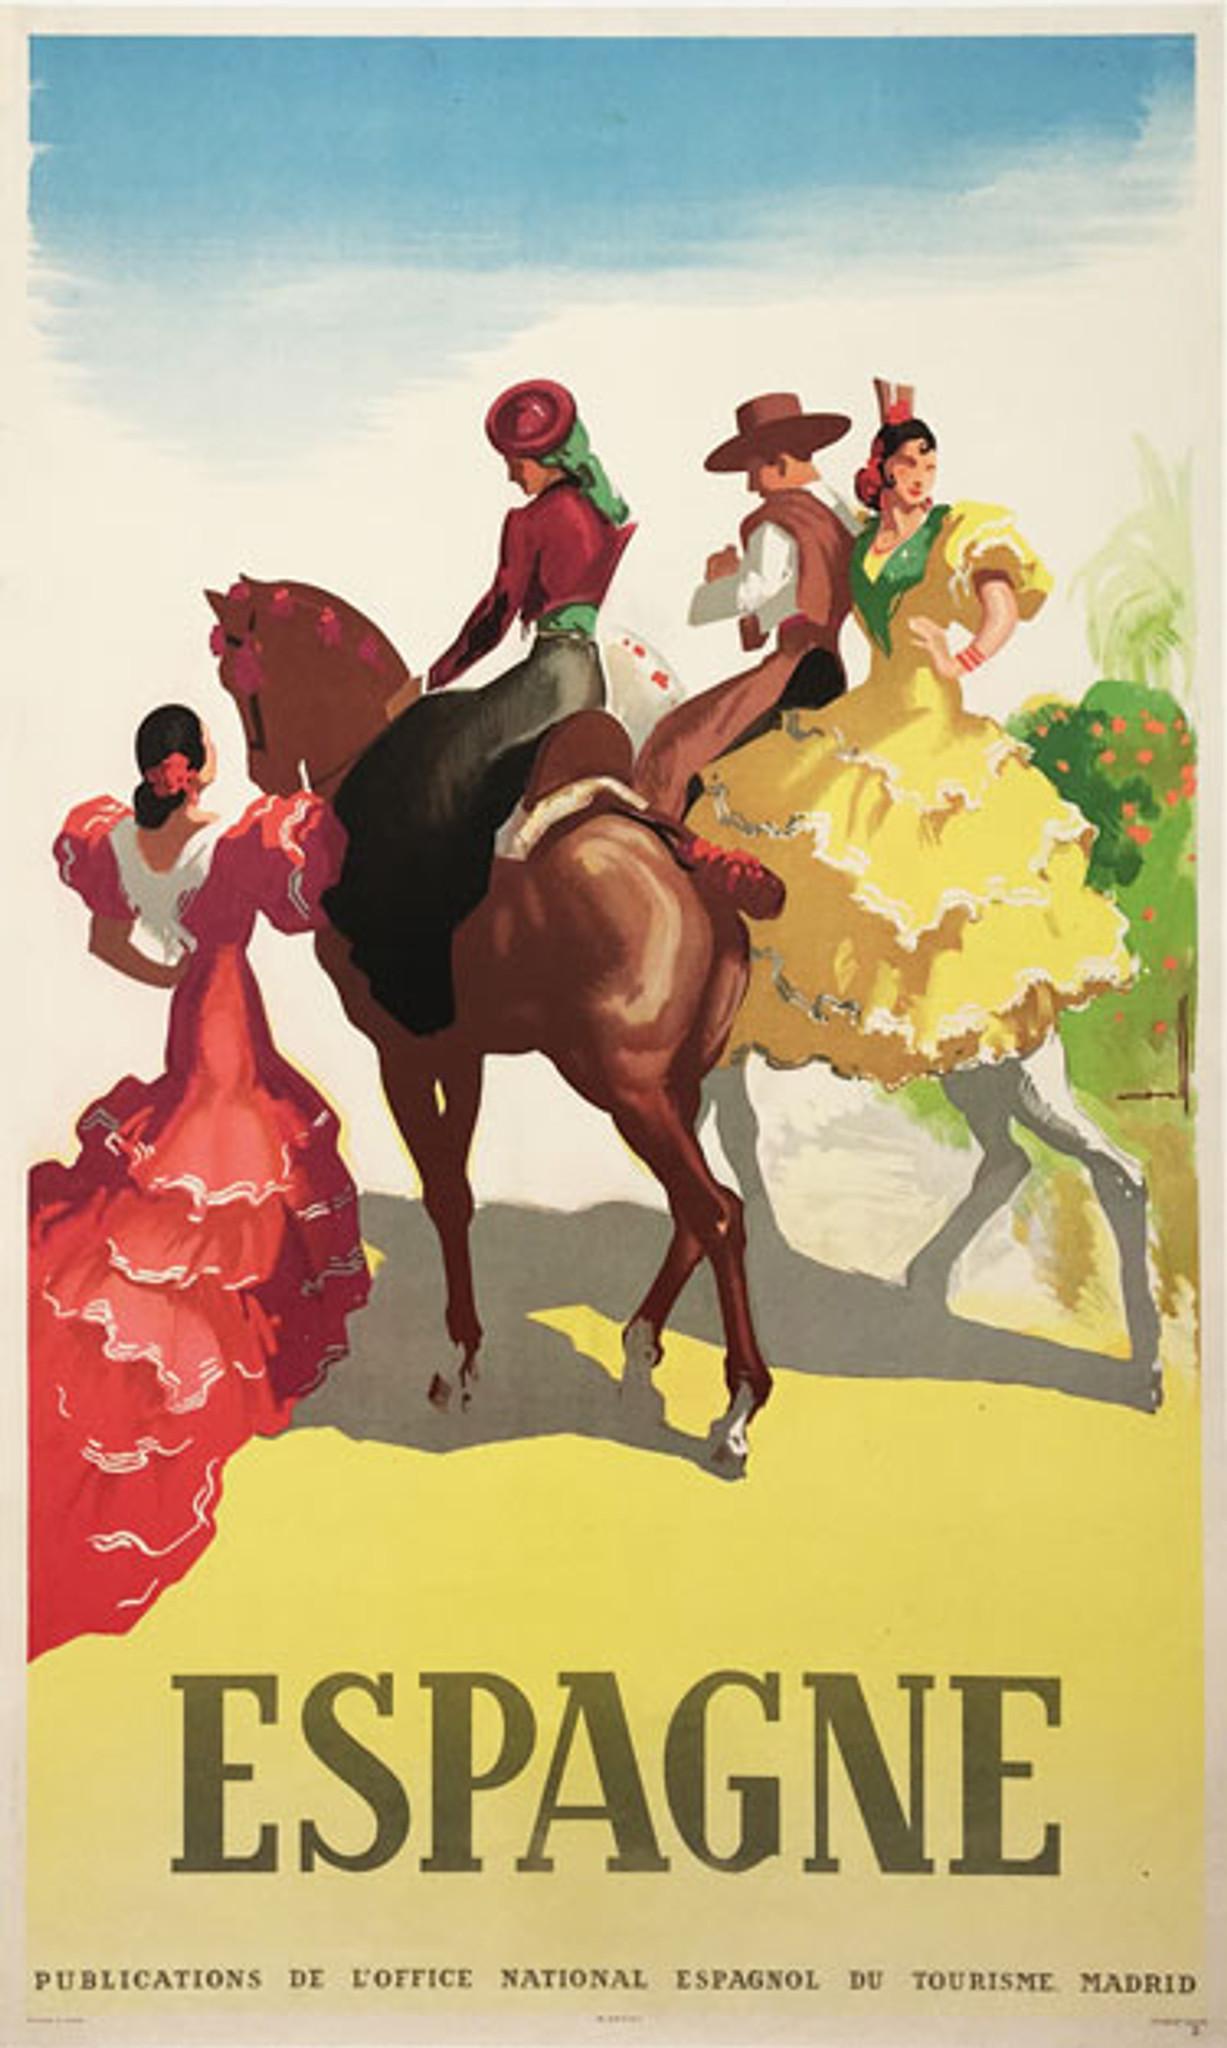 Espagne Original Vintage Travel Poster Morell